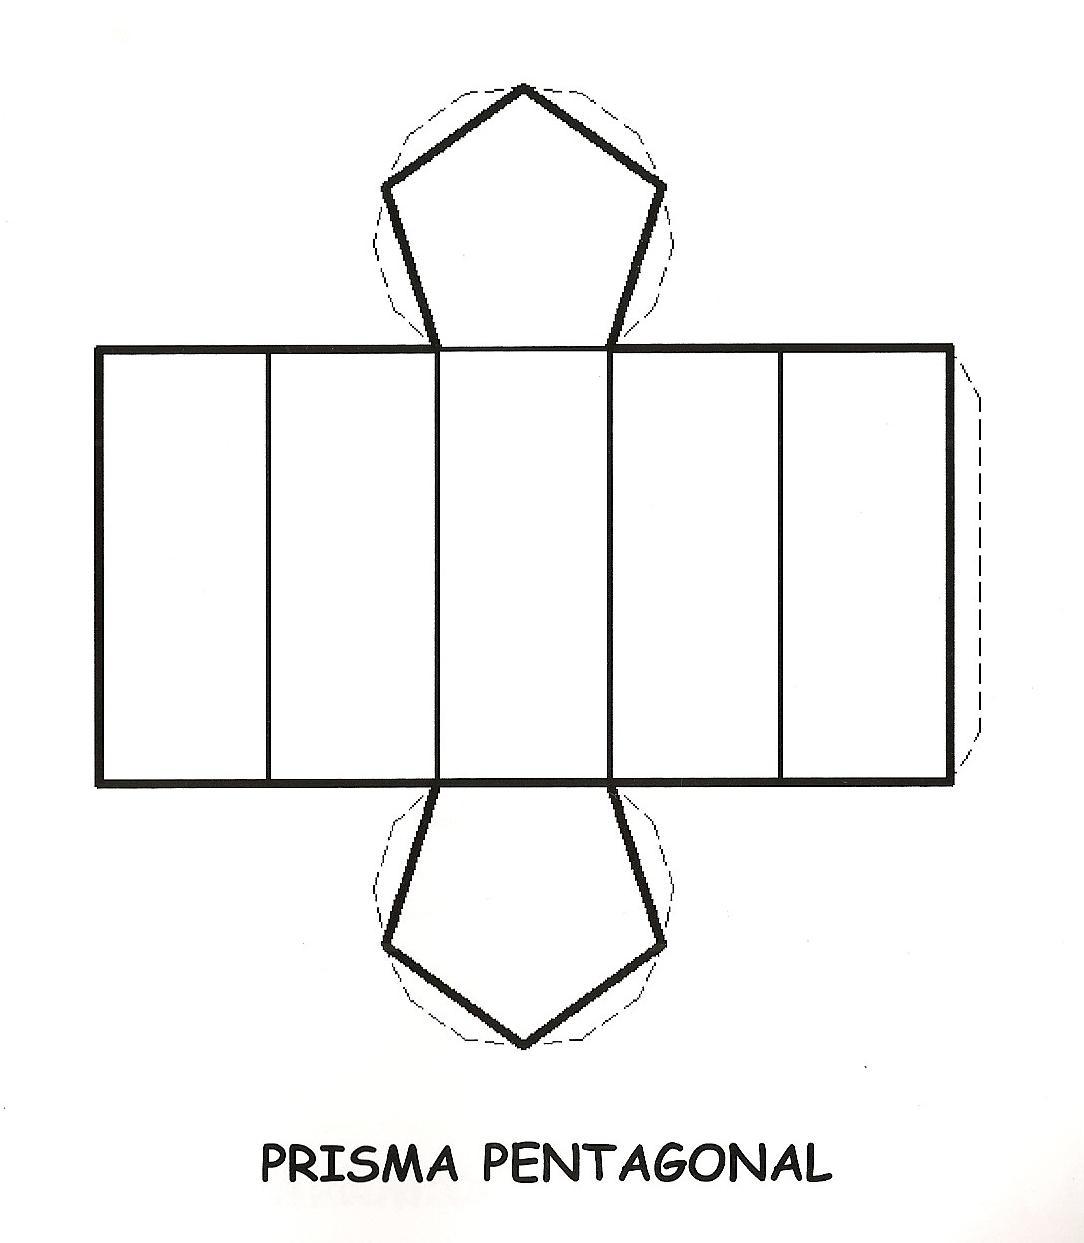 prisma hexagonal para recortar y armar imagui